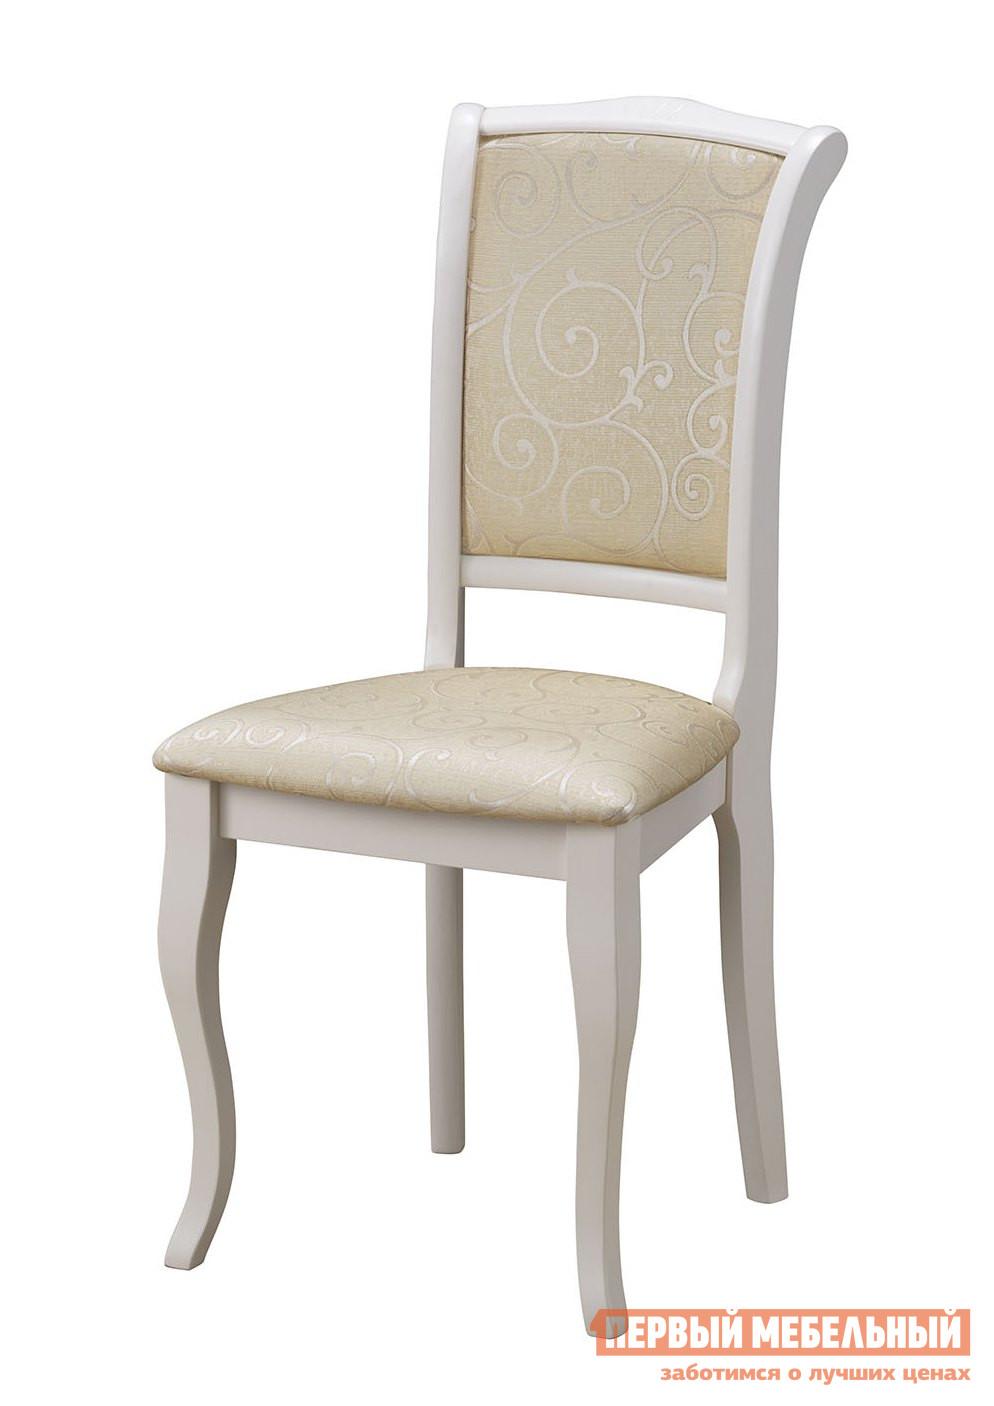 Стул Mebwill OP-SC2 Butter WhiteСтулья для кухни<br>Габаритные размеры ВхШхГ 970x450x530 мм. Изящная модель стула с мягкой спинкой и сиденьем.  Такой стул прекрасно подойдет для обустройства уютной обеденной зоны на кухне, в гостиной или в столовой.  Благодаря белому цвету каркаса модель станет идеальным дополнением практически для любого интерьера. Каркас стула выполняется из массива гевеи, обивка сидения и спинки — ткань (шелк).<br><br>Цвет: Белый<br>Цвет: Светлое дерево<br>Высота мм: 970<br>Ширина мм: 450<br>Глубина мм: 530<br>Кол-во упаковок: 1<br>Форма поставки: В разобранном виде<br>Срок гарантии: 1 год<br>Тип: Для гостиной<br>Материал: Дерево<br>Материал: Натуральное дерево<br>Порода дерева: Гевея<br>С мягким сиденьем: Да<br>Без подлокотников: Да<br>С мягкой спинкой: Да